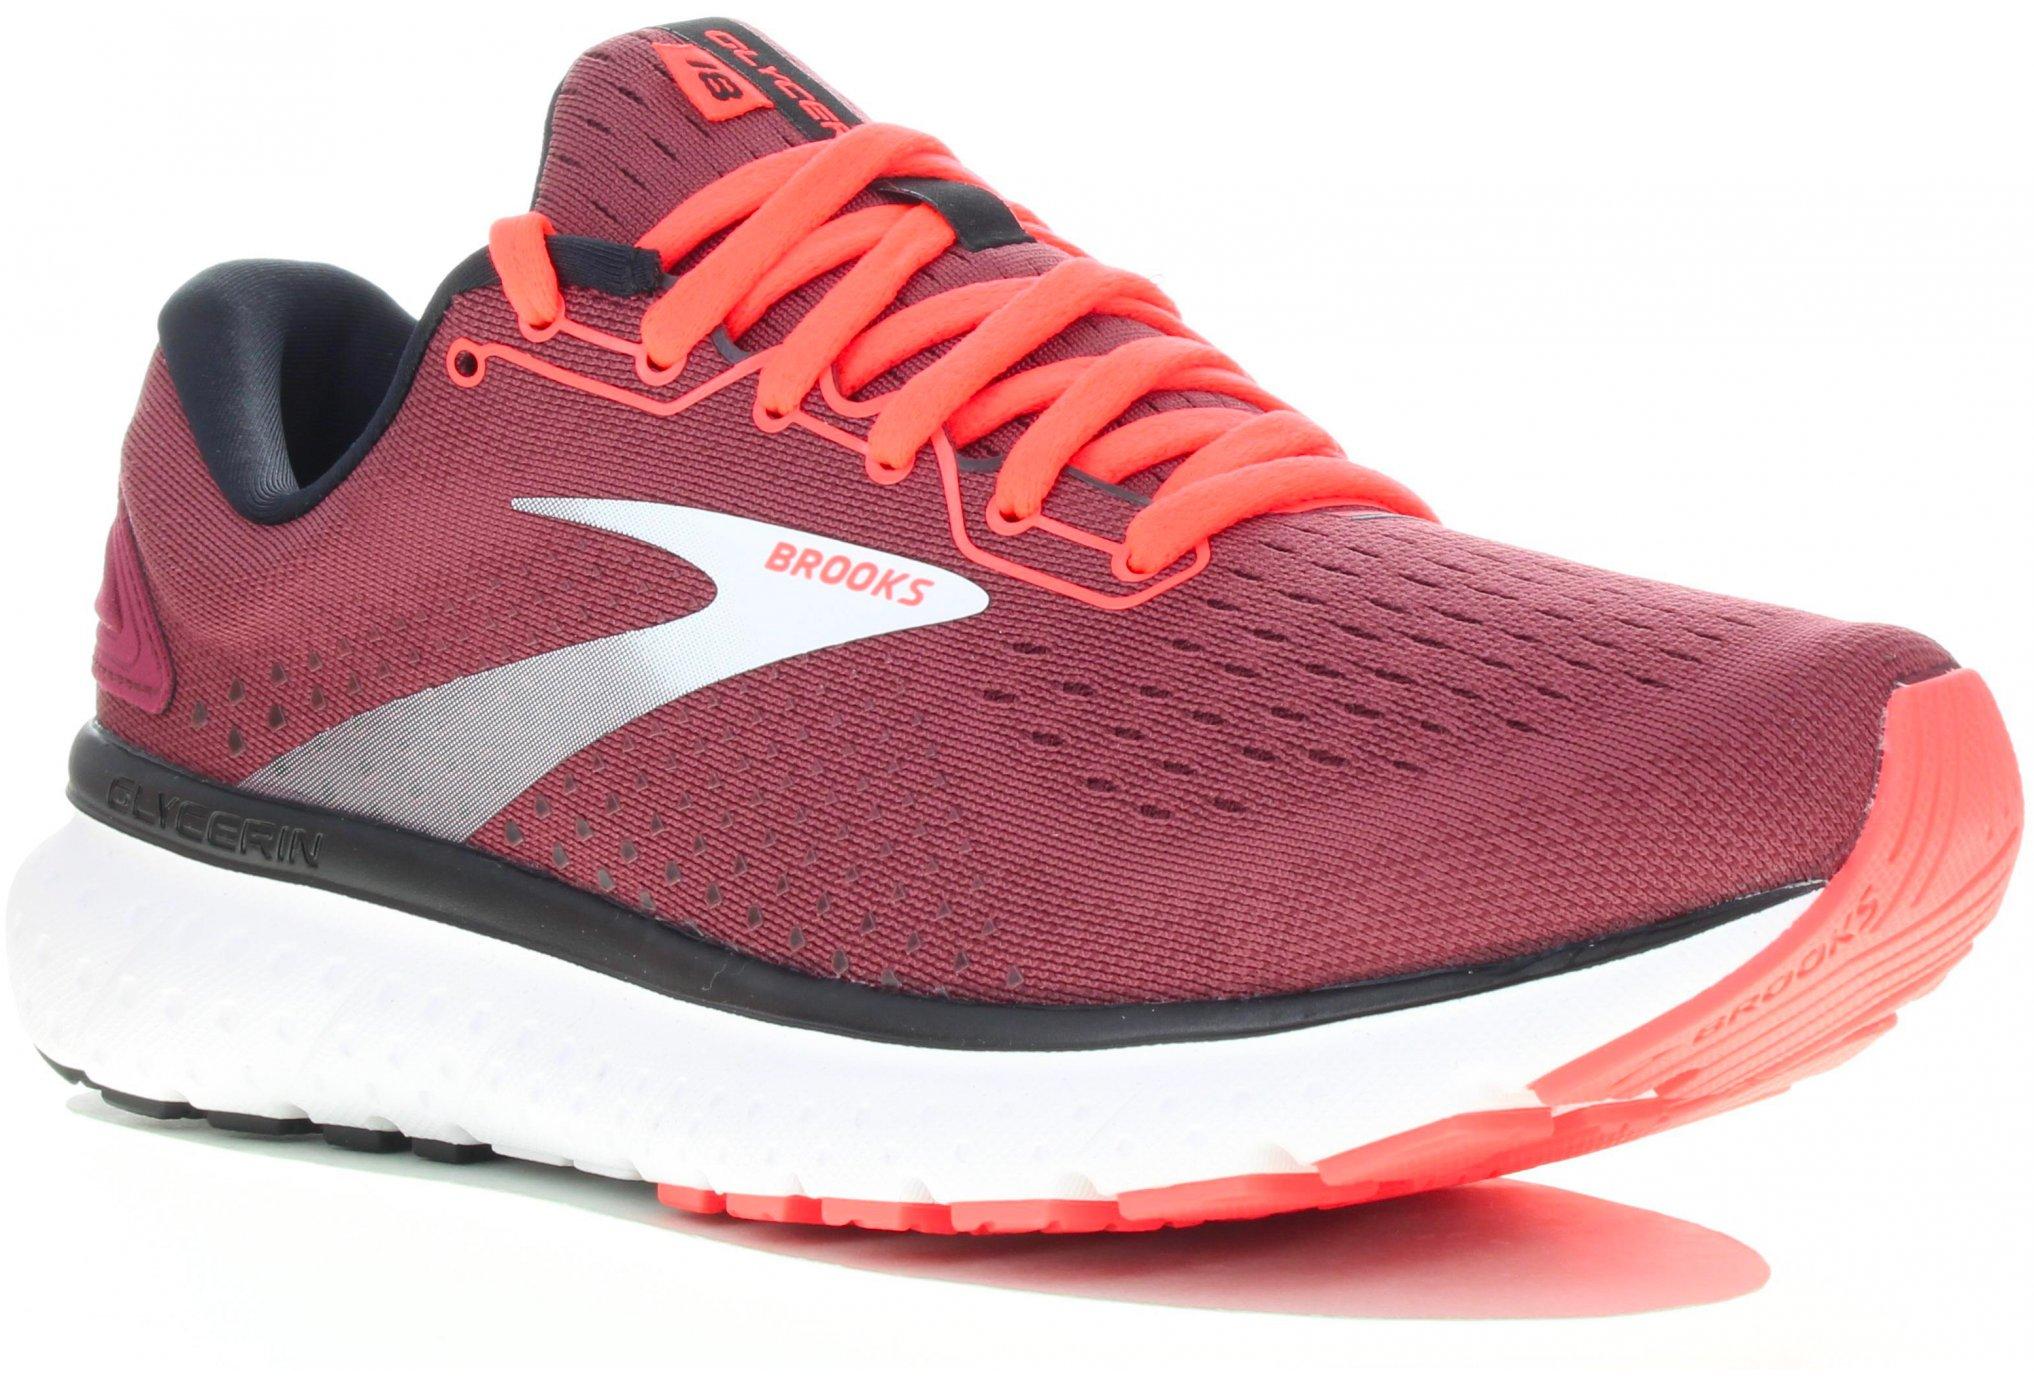 Brooks Glycerin 18 Chaussures running femme